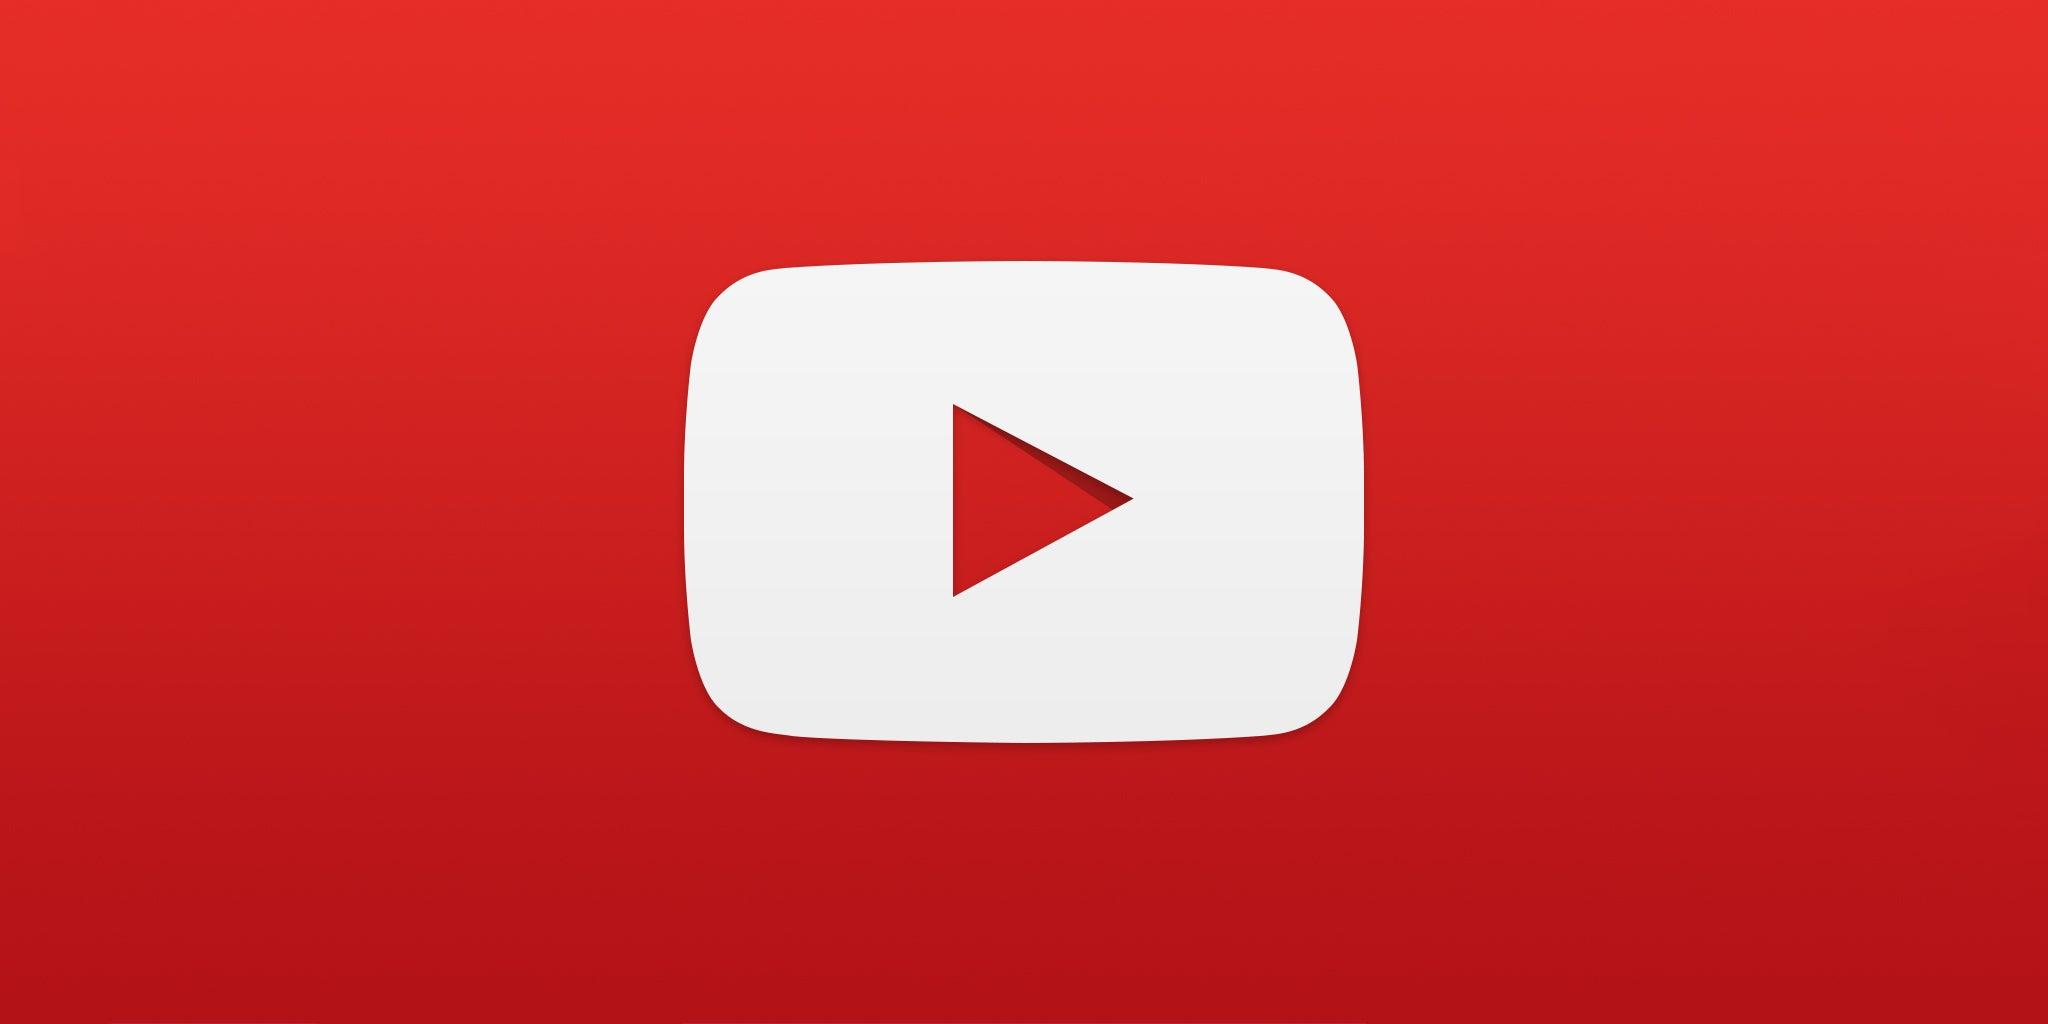 Youtube begins mending fences after huge demonetization backlash reheart Gallery